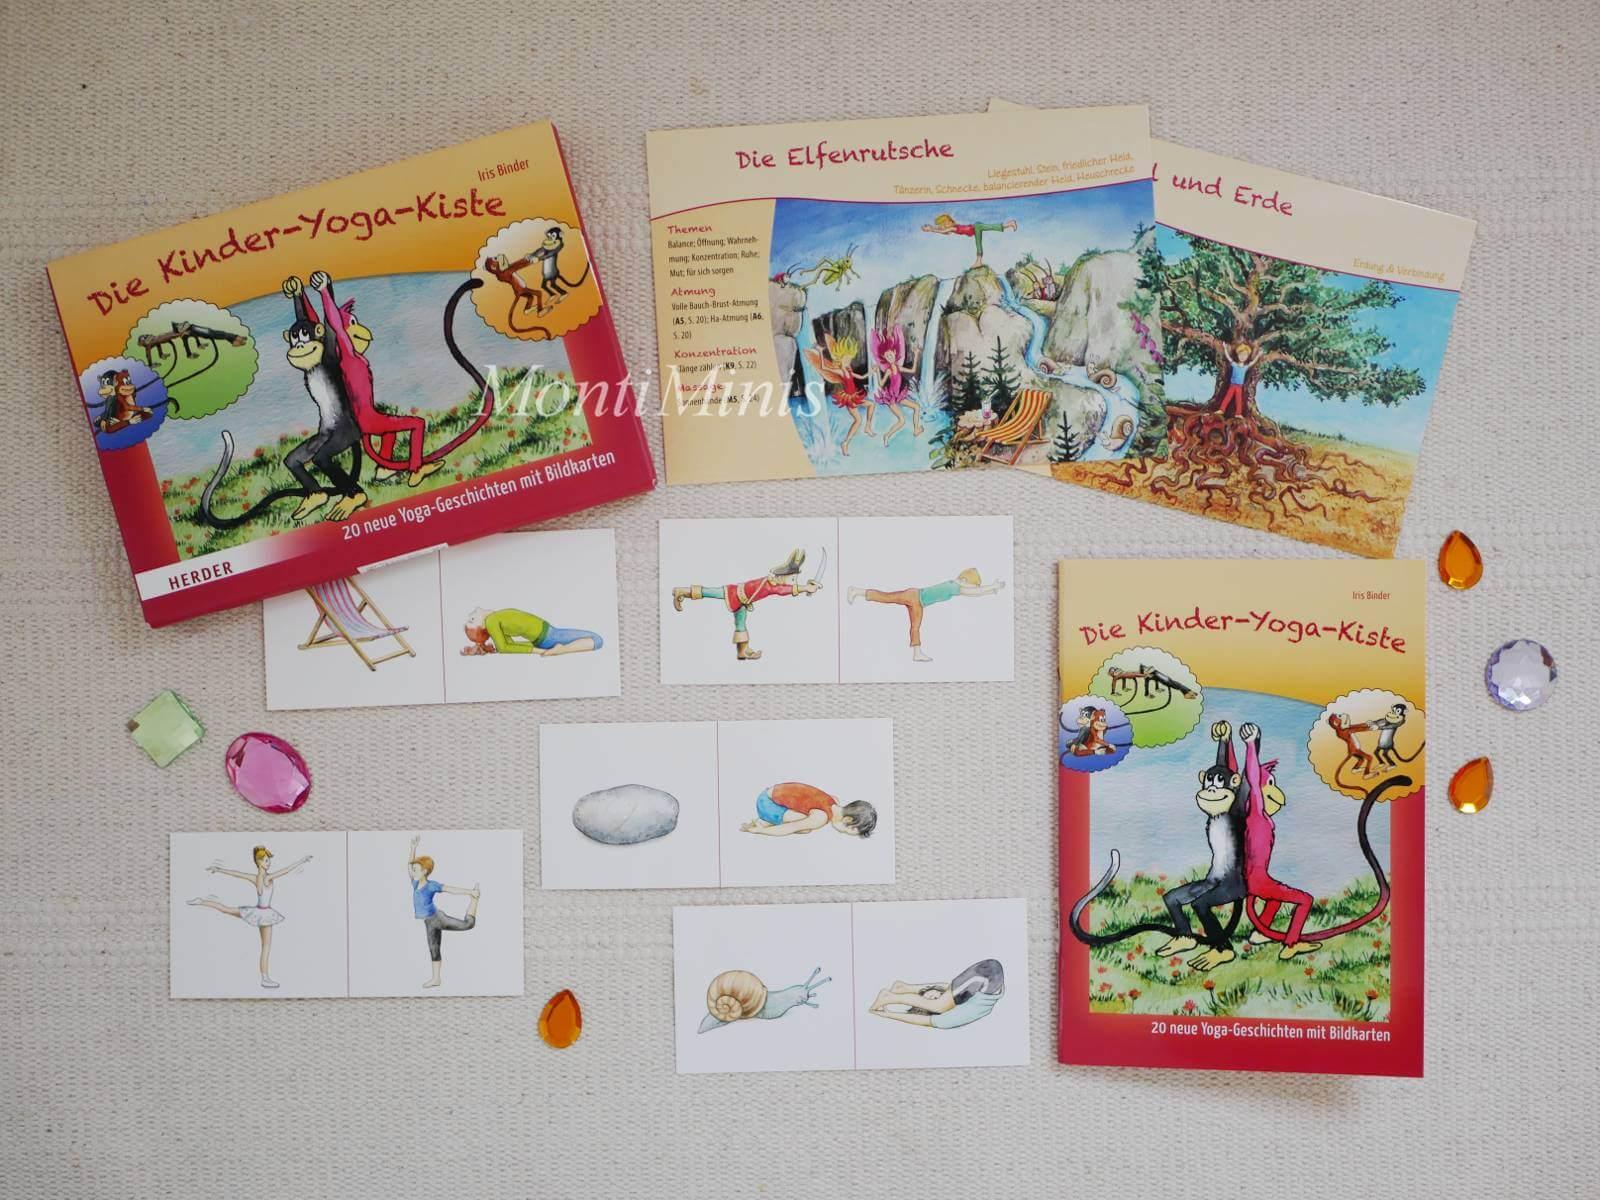 Montessori Zuhause: Eine Ruheoase für Kinder zum Lesen und Entspannen, Achtsamkeit, Kinderyoga, Kinder Yoga Kiste, Waldorf - montiminis.com